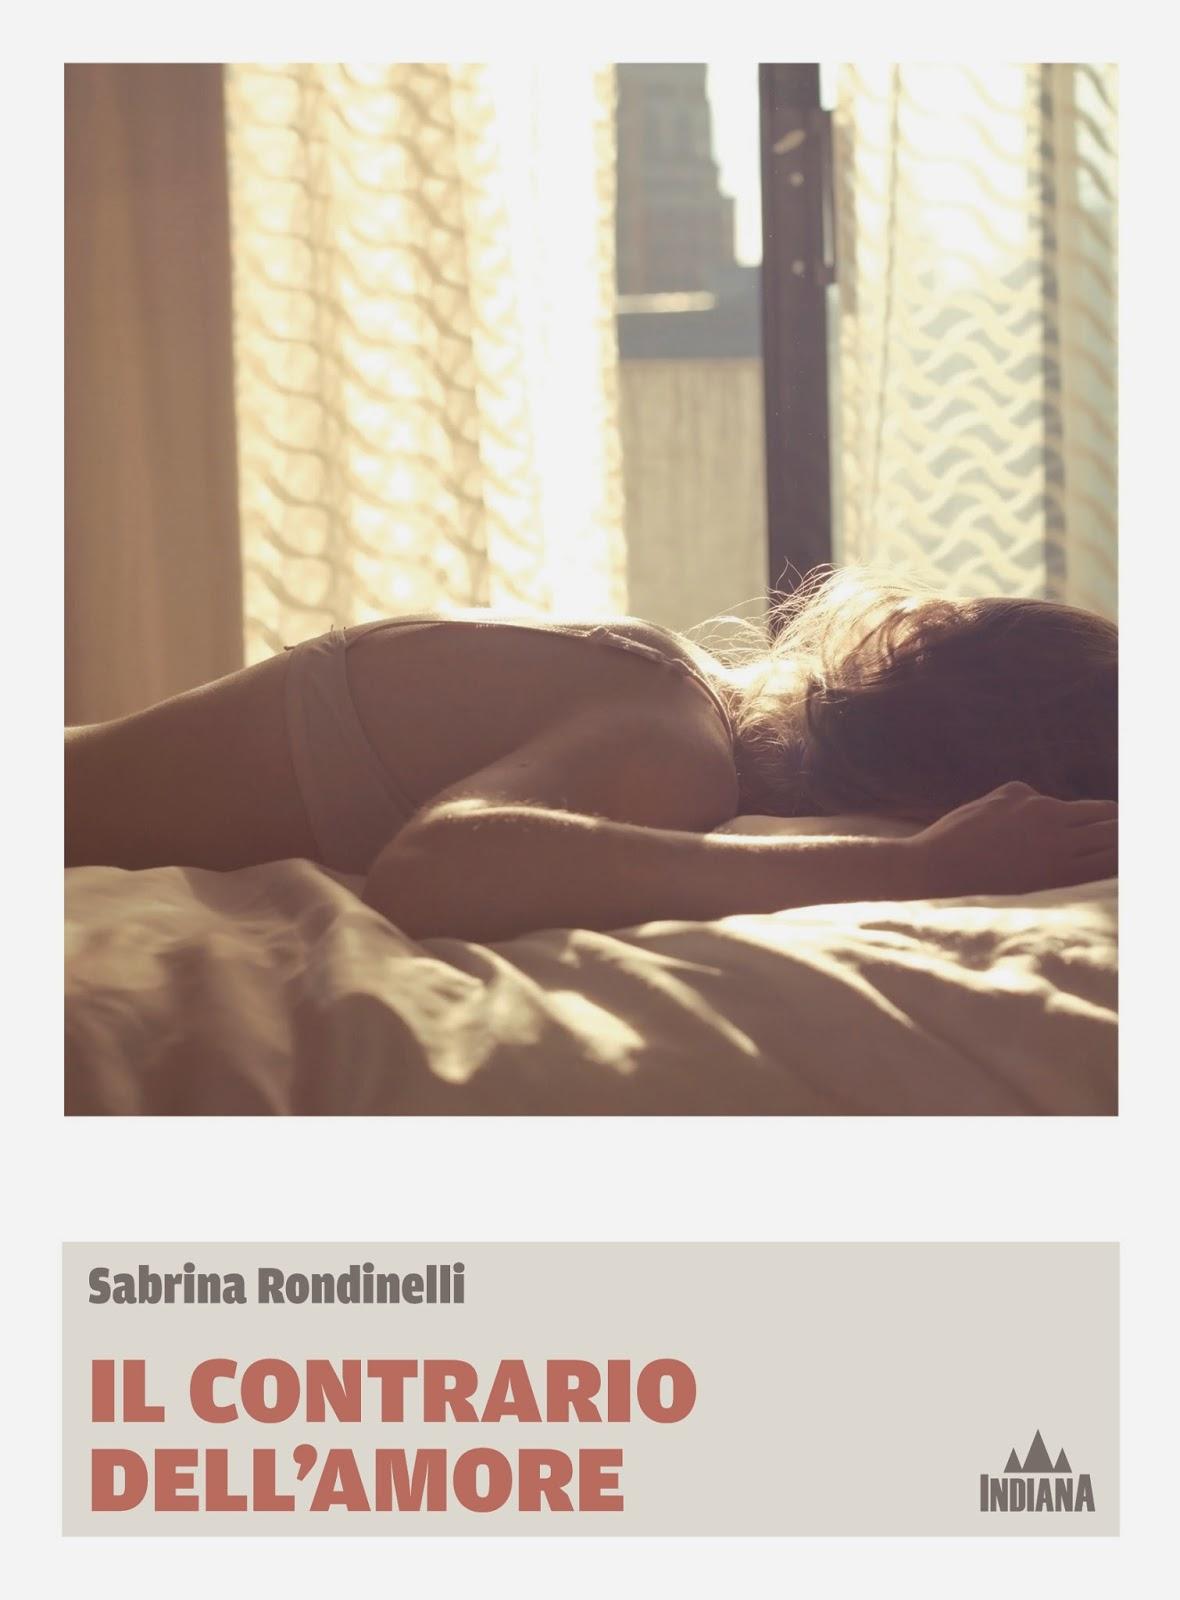 l contrario dell'amore, Sabrina Rondinelli